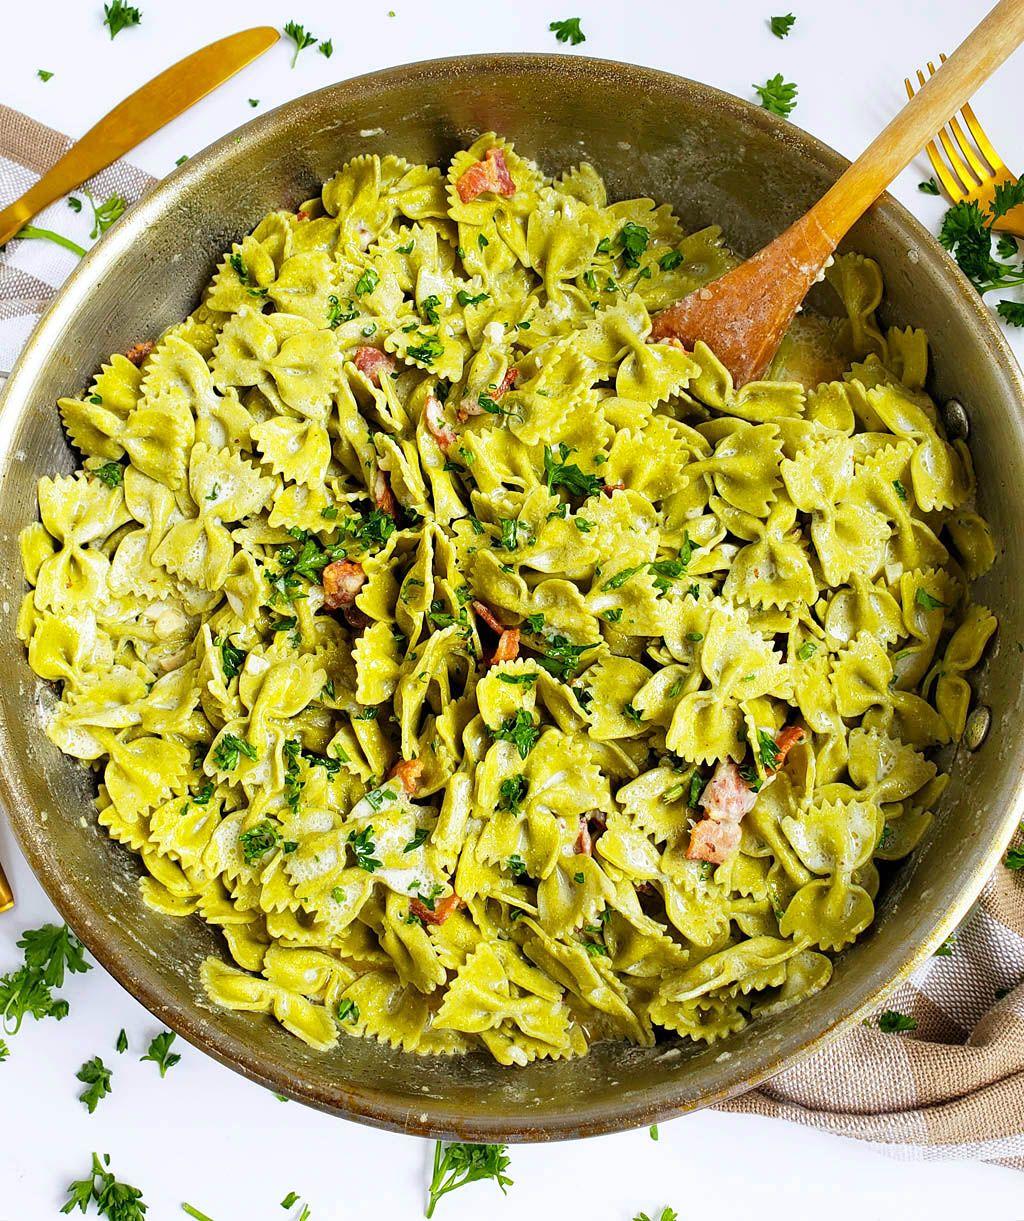 Pasta Carbonara - Easy Italian Pasta Recipe - YouTube  Delicious Pasta Carbonara